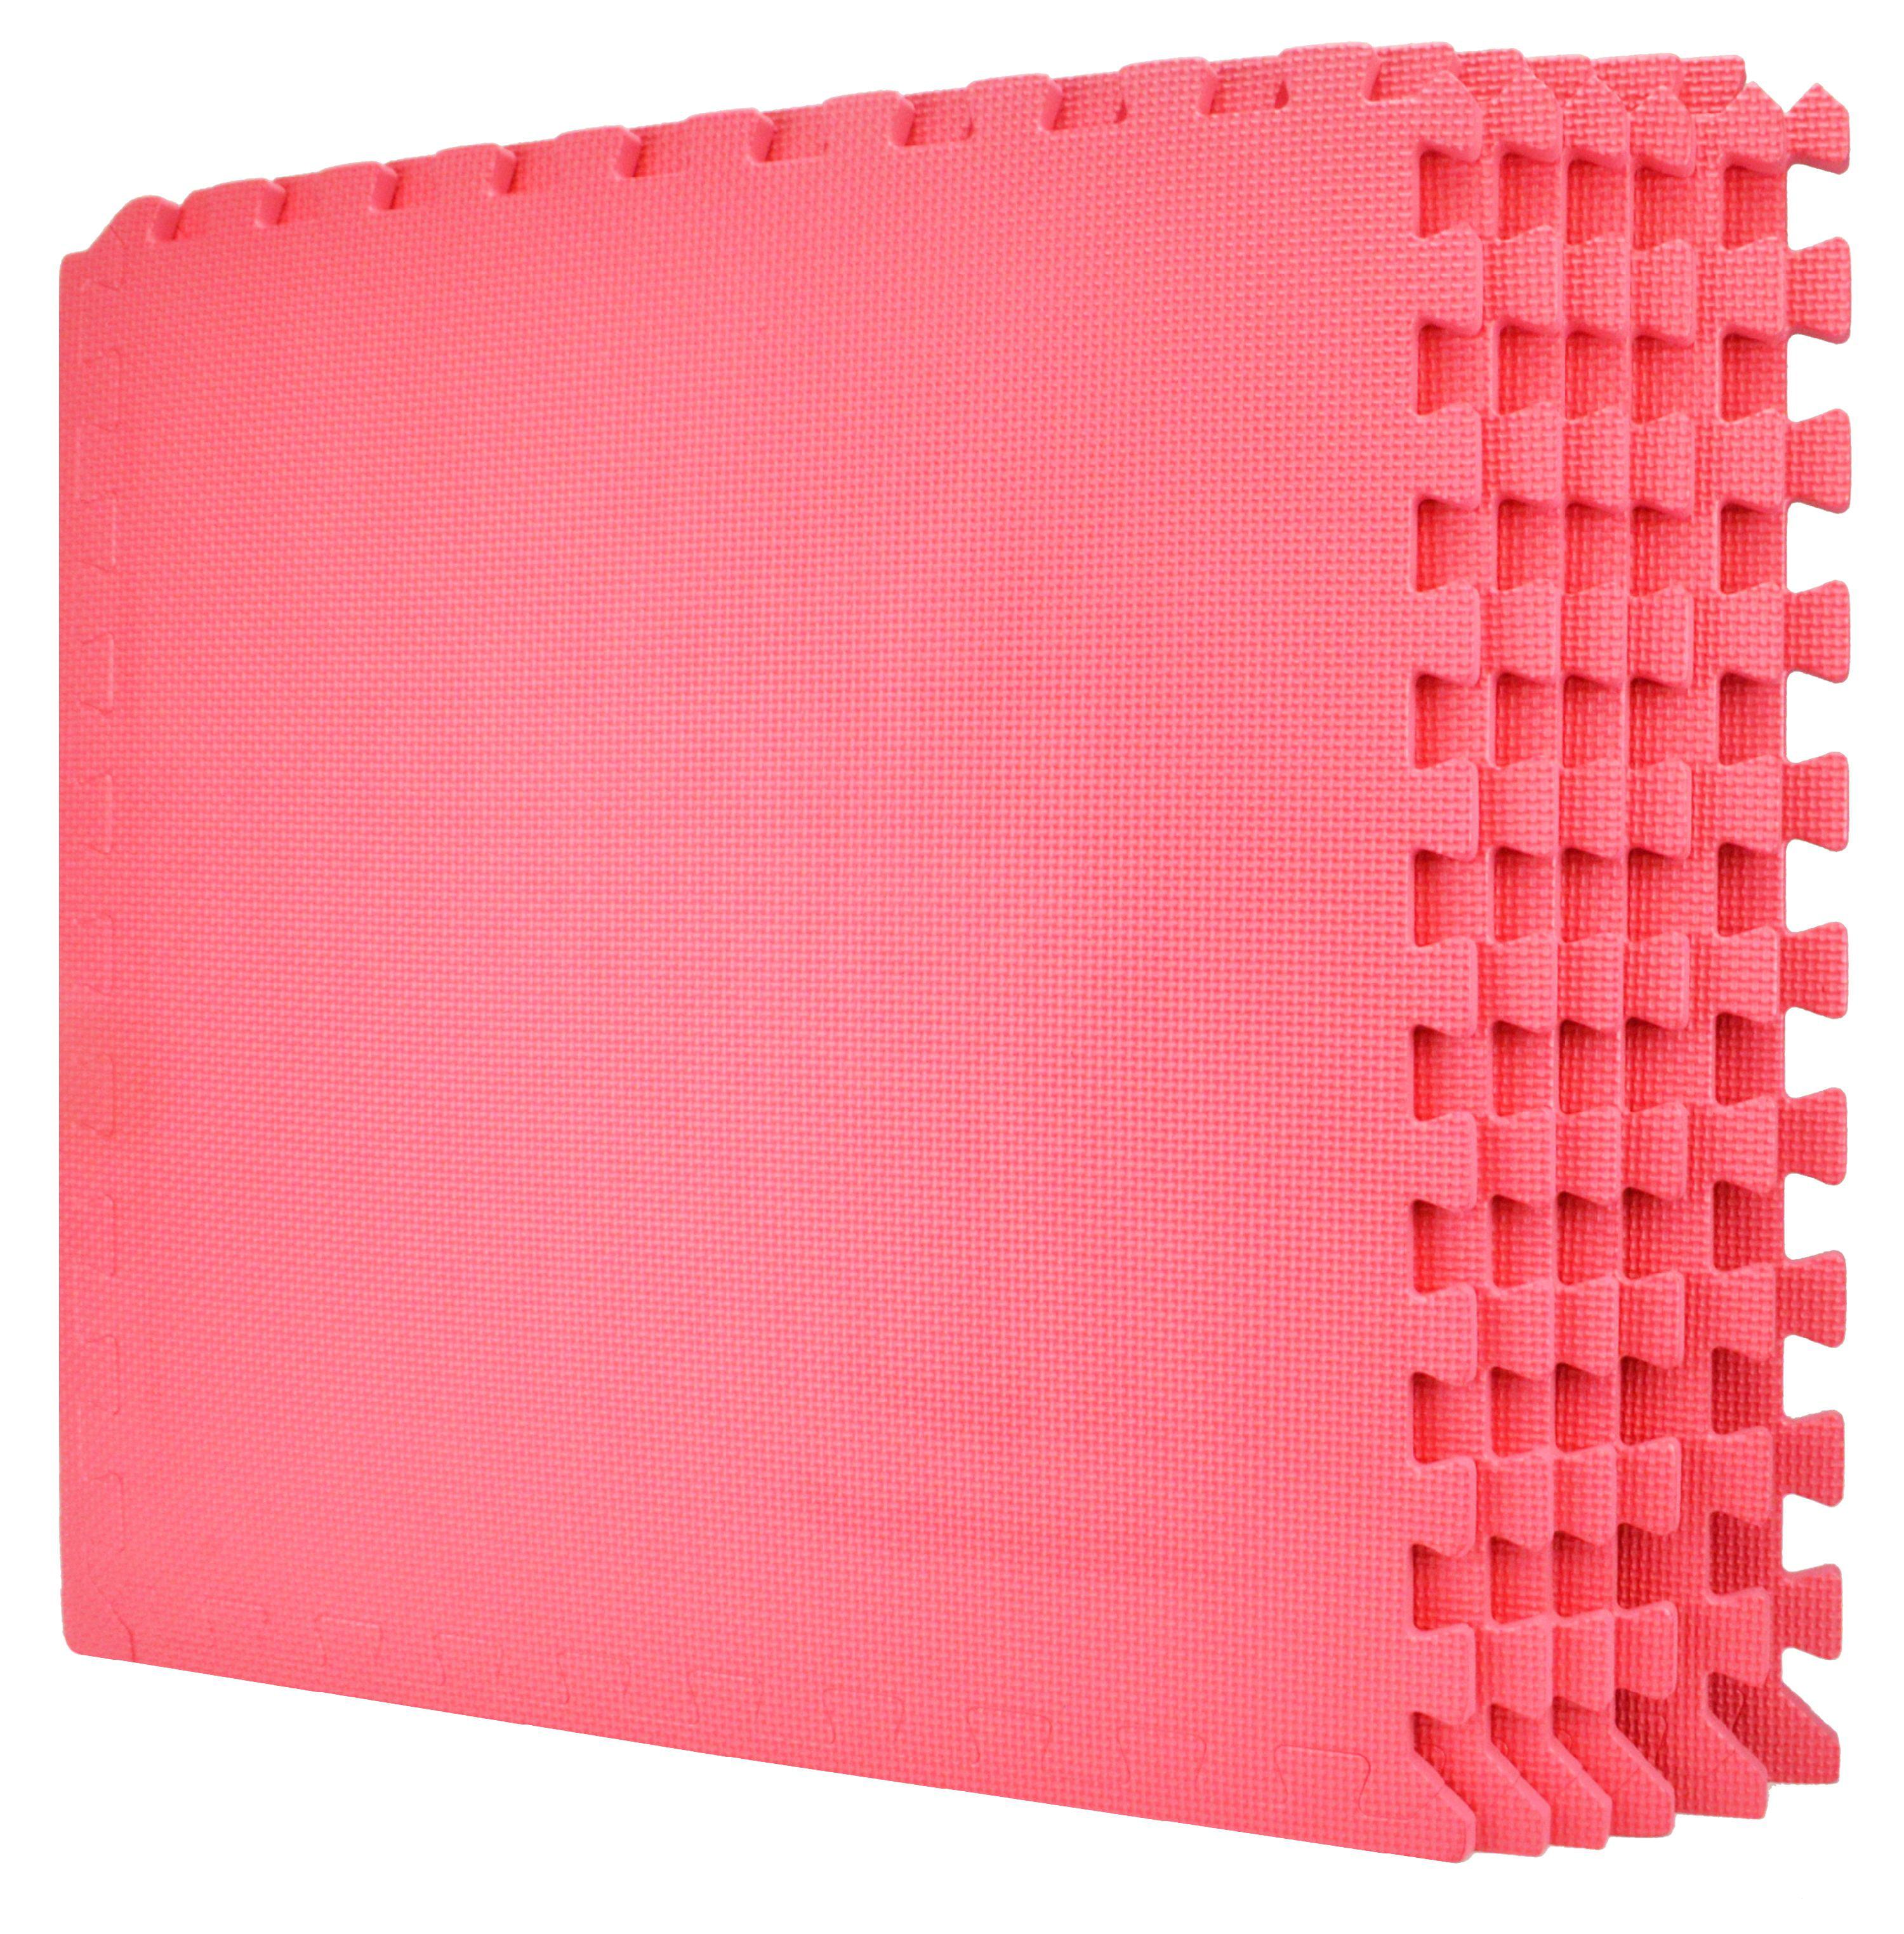 Wacces 24 X 24 Inch Multi Purpose Puzzle Eva Floor